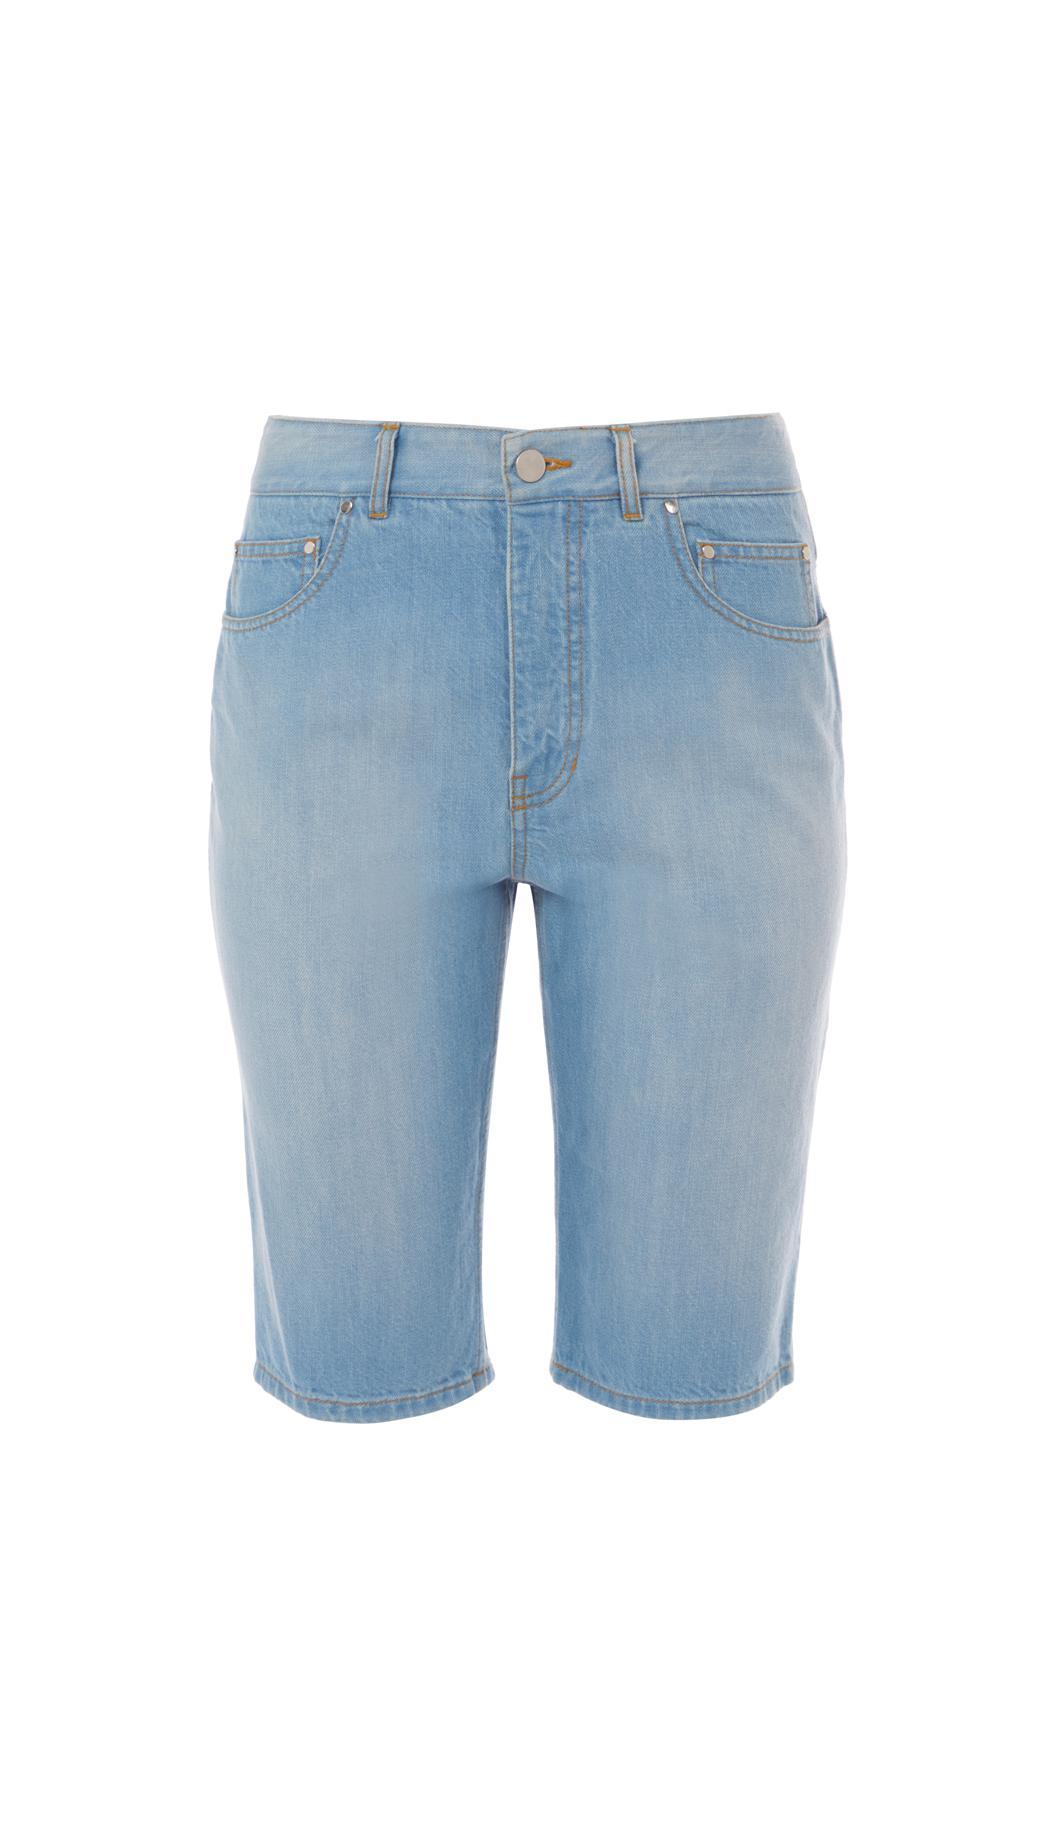 Trish Short in Blue Tibi asObV5Uu